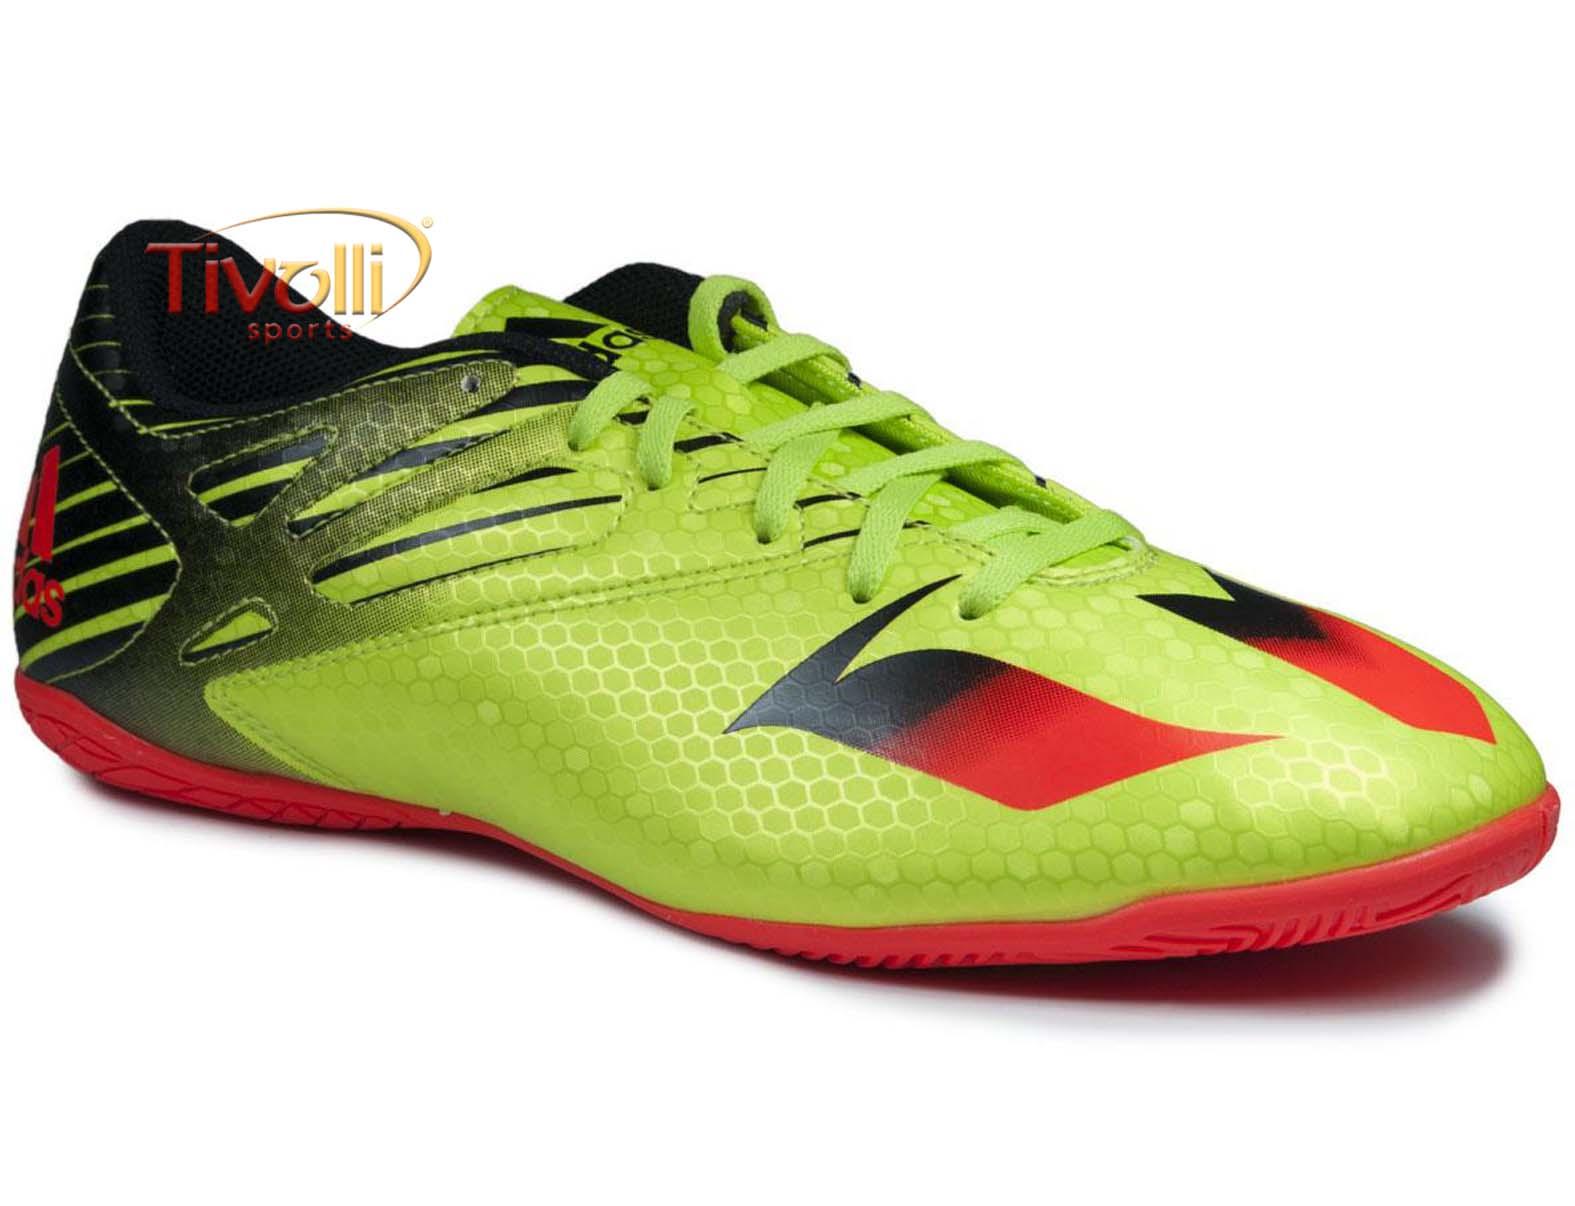 7b8d25946c5db Chuteira Adidas Messi 15.4 futsal   - Mega Saldão